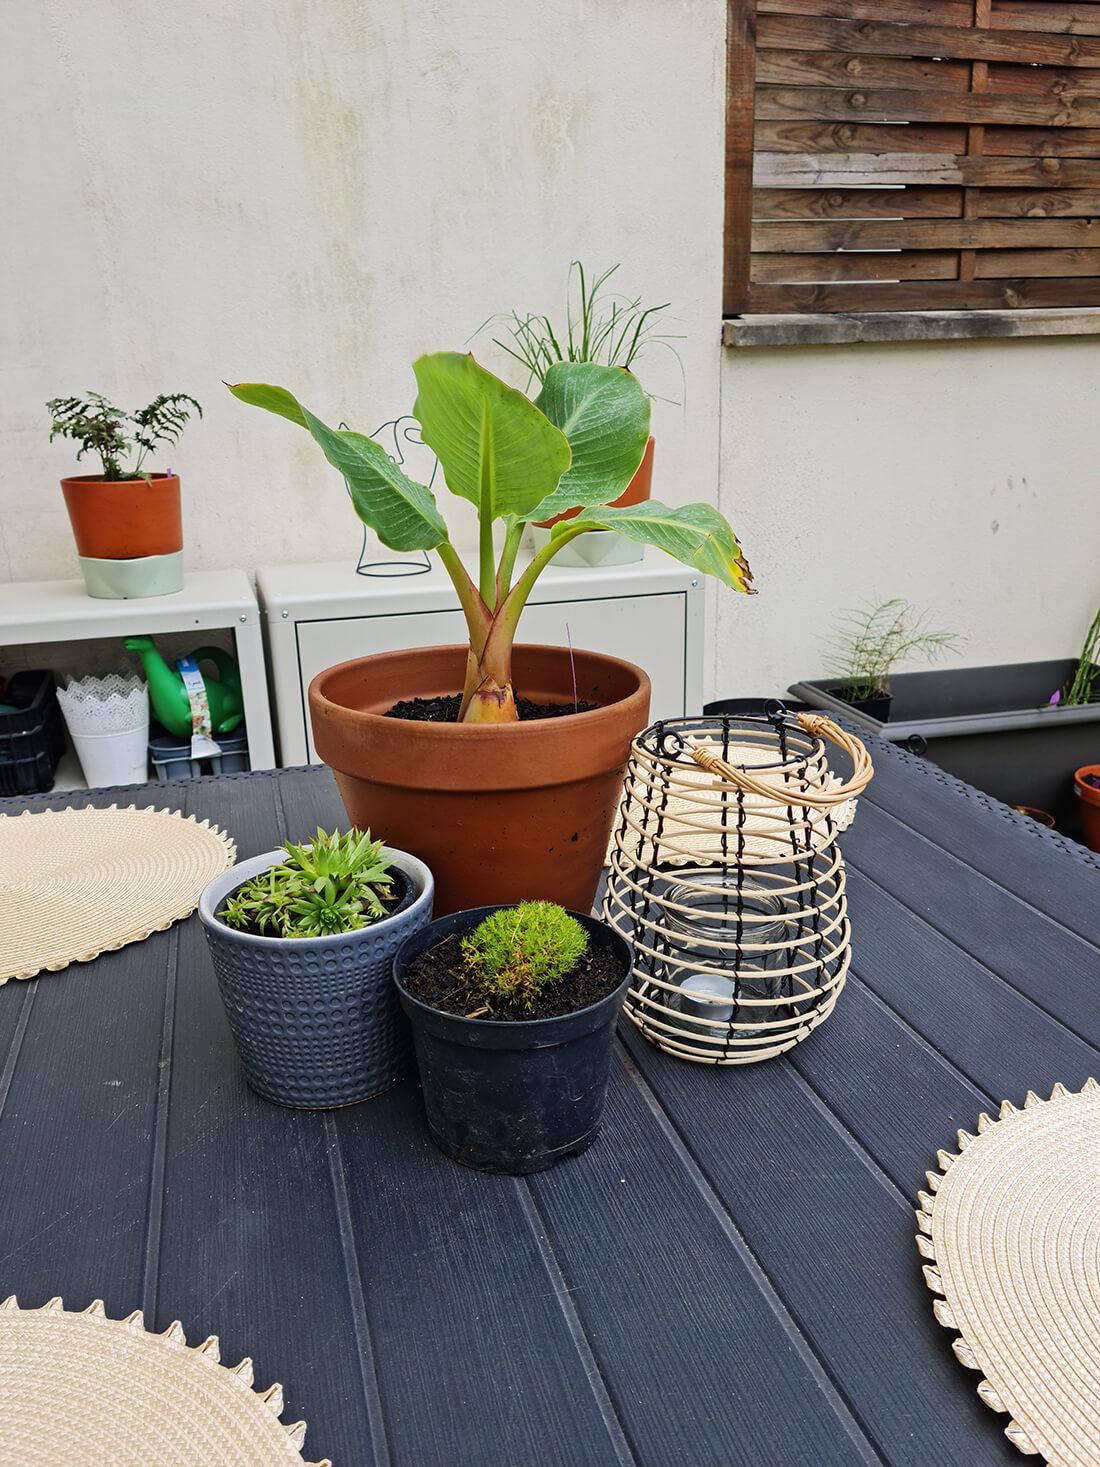 20210701 114838 2 - Garden tour : le résultat et la visite privée de mon jardin après relooking